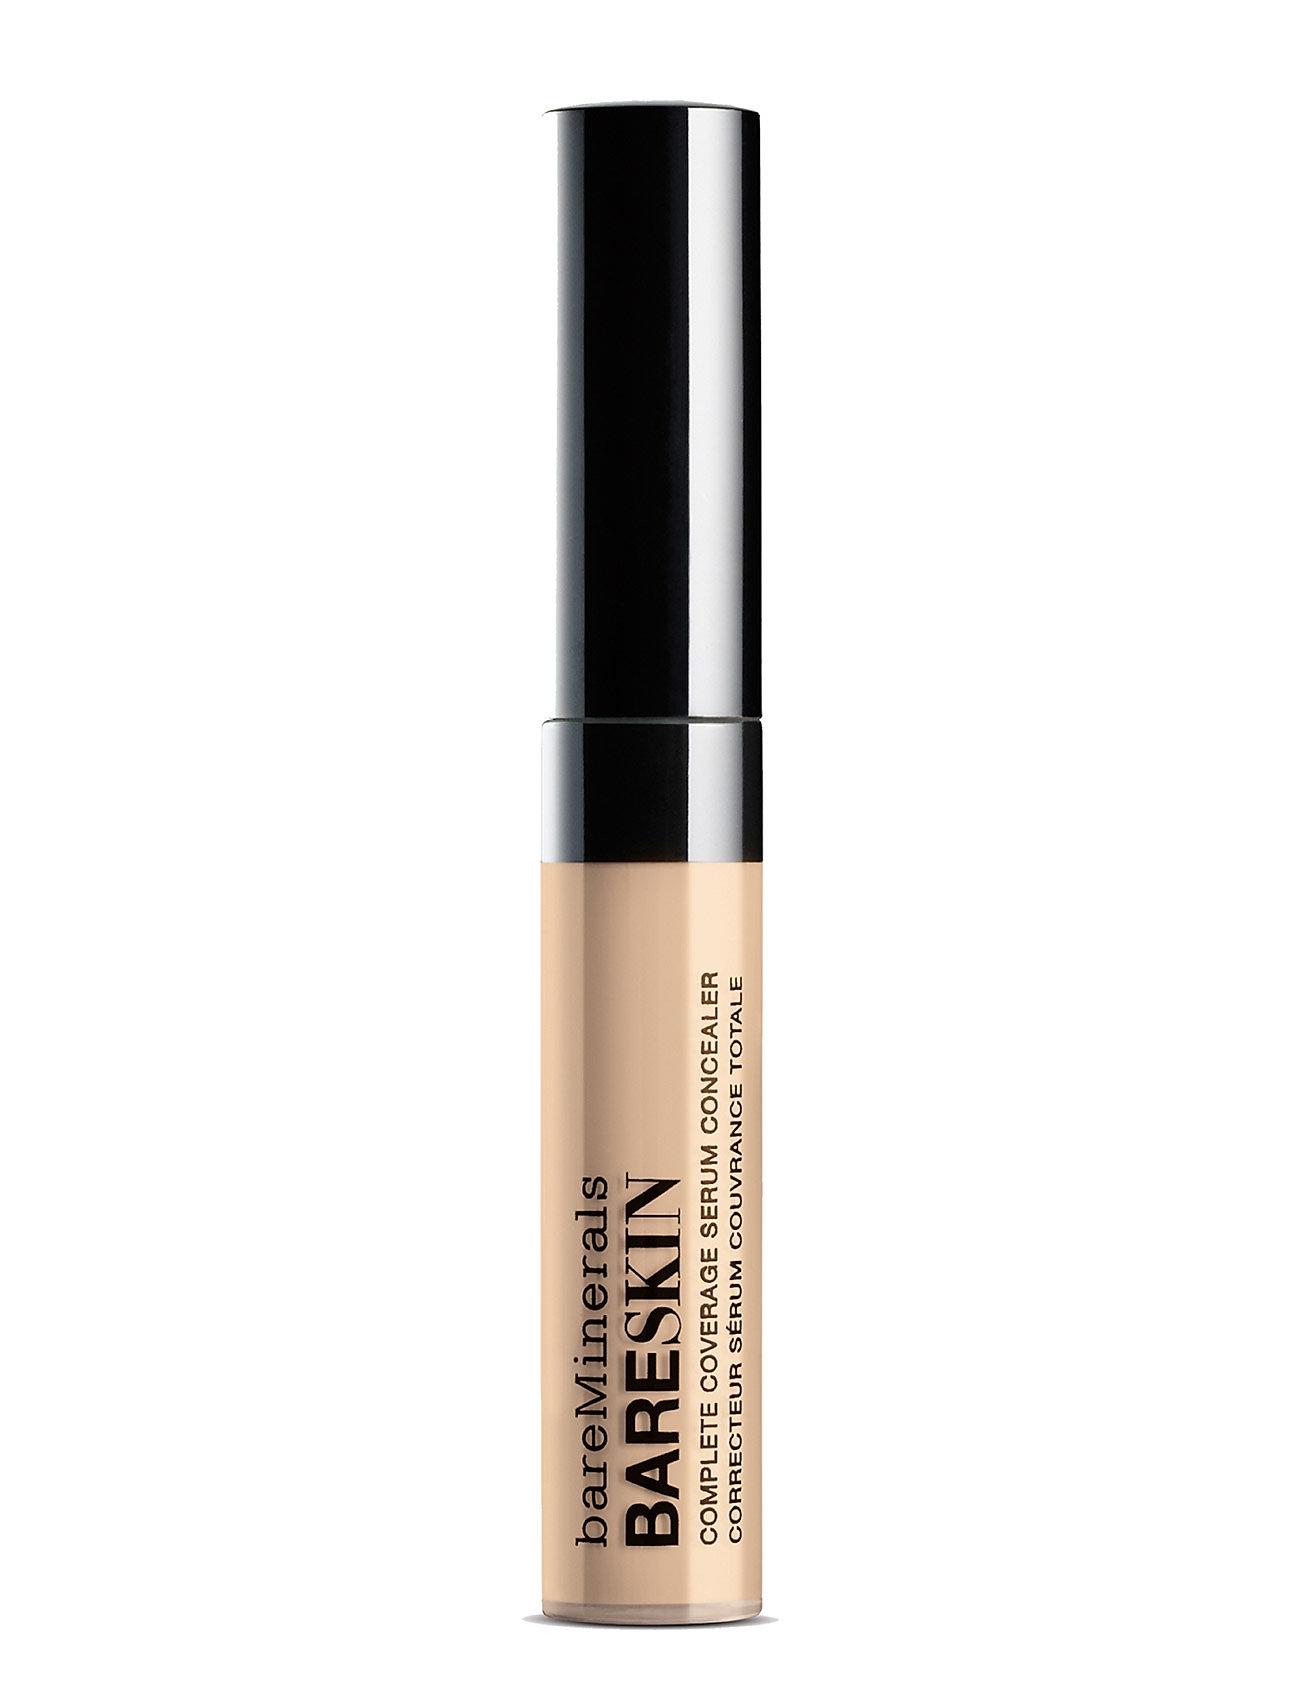 Image of Bareskin Serum Concealer Concealer Makeup BareMinerals (3368579545)